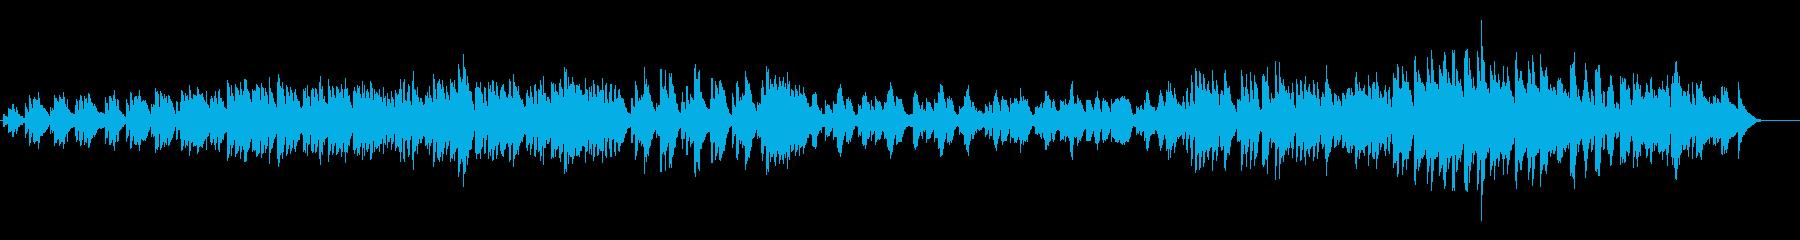 ハープの疾走感あふれる曲の再生済みの波形